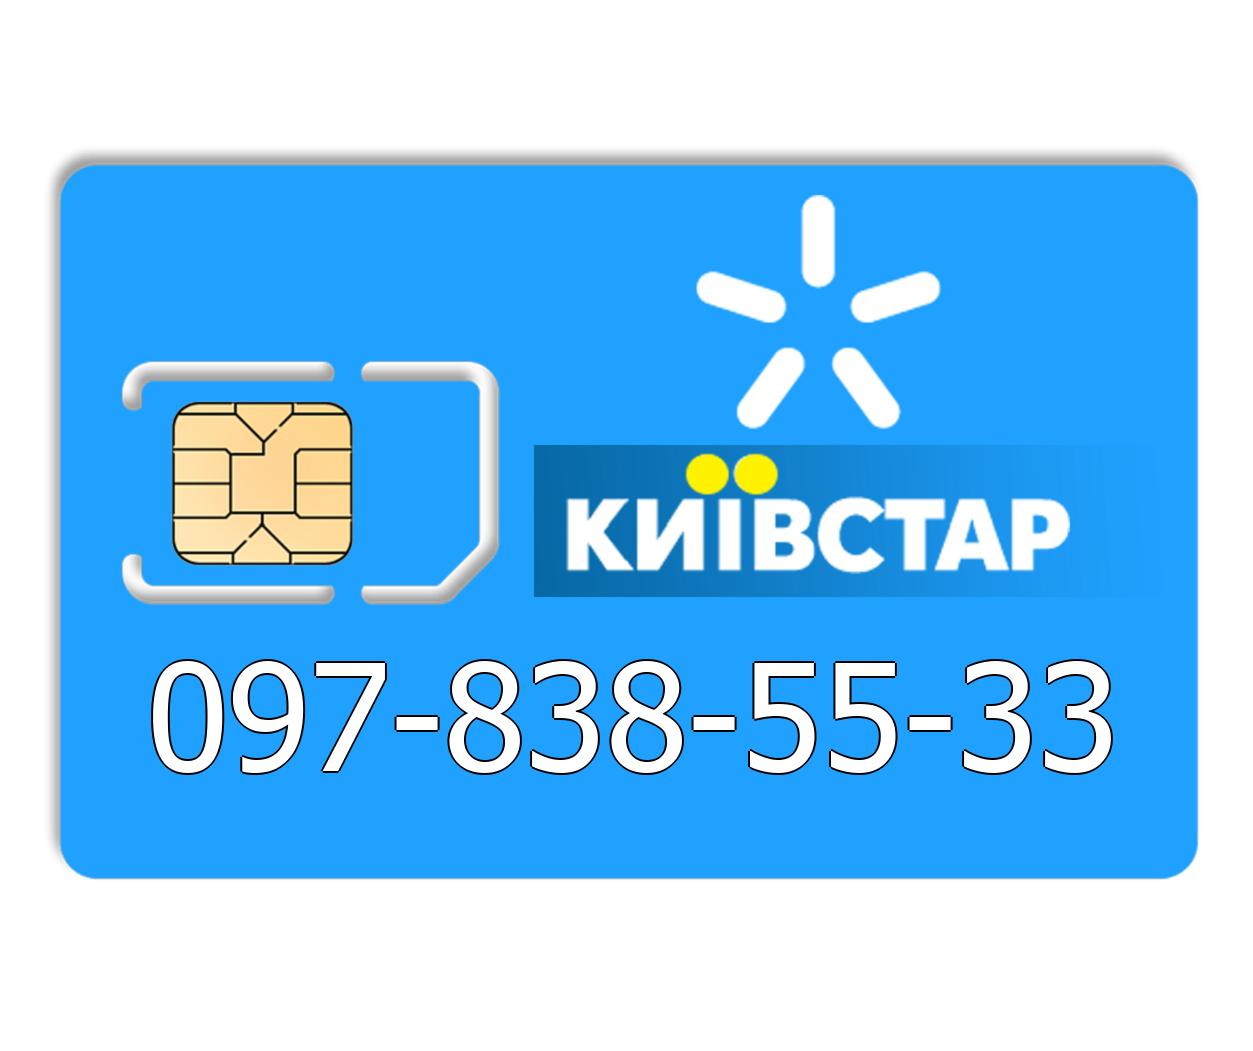 Красивый номер Киевстар 097-838-55-33